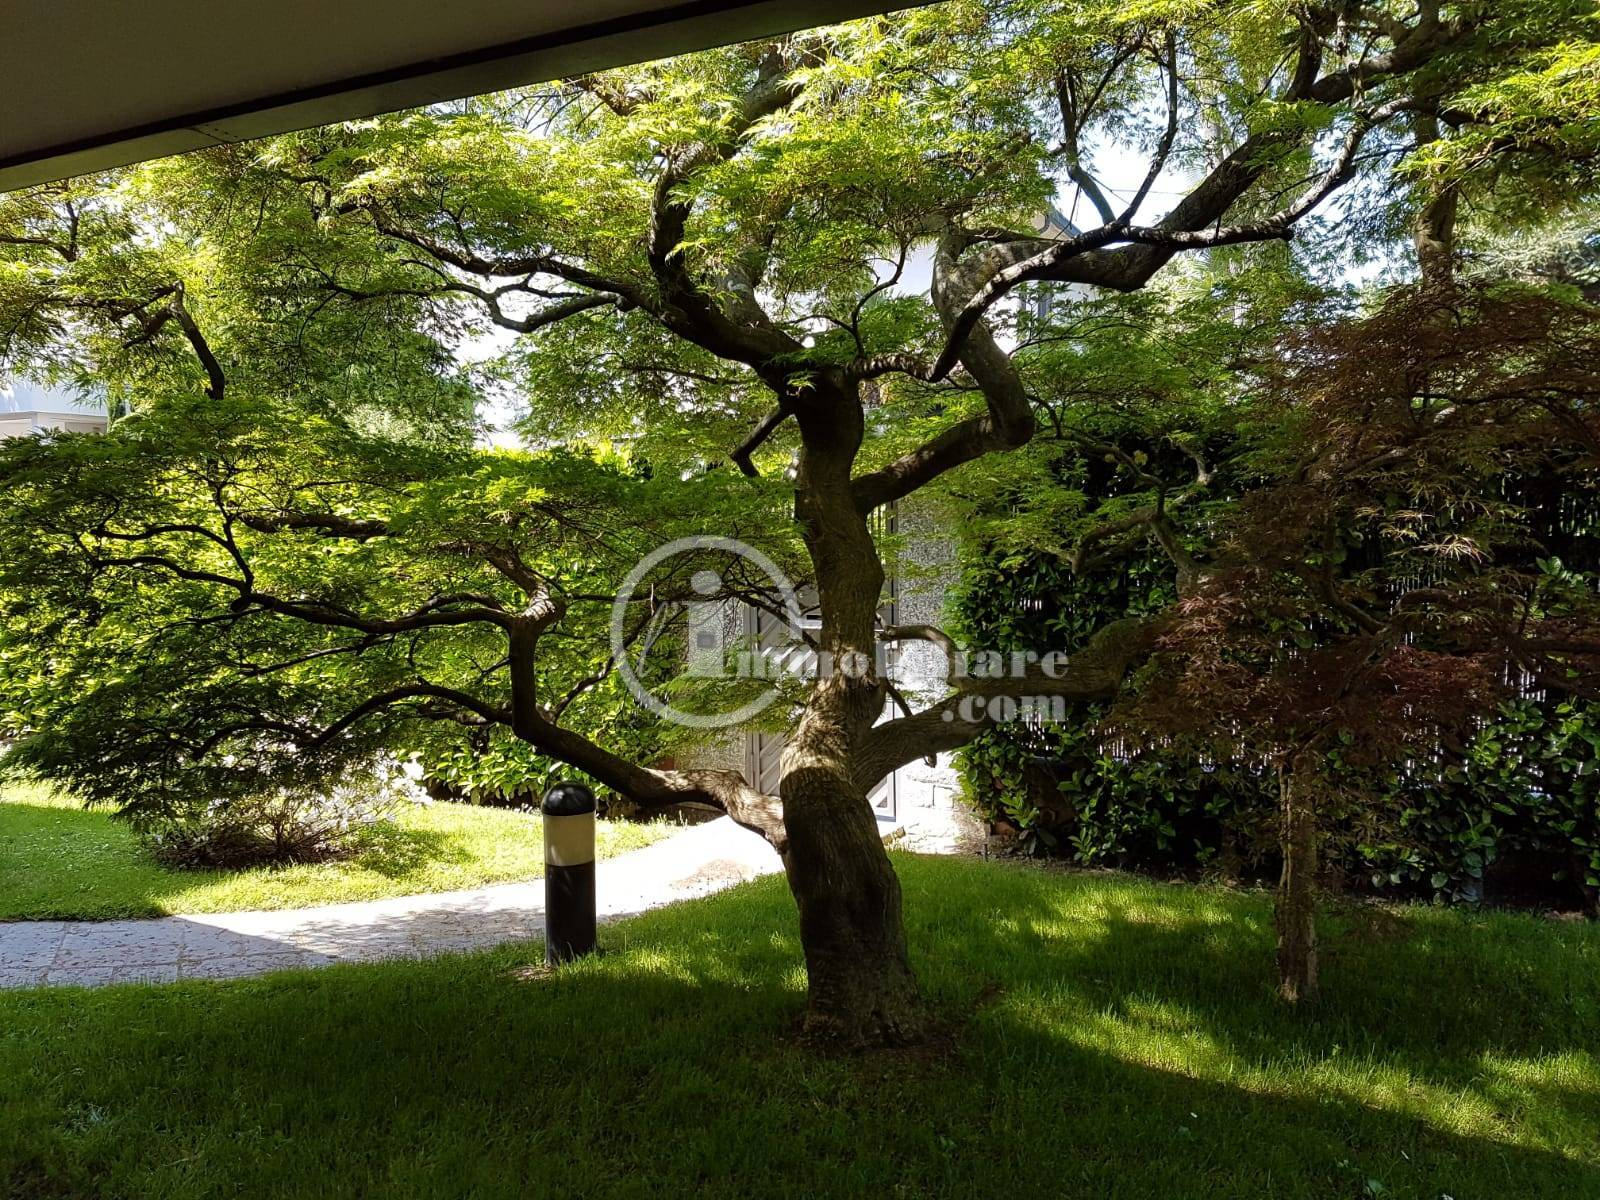 Villa in Vendita a Trezzano Sul Naviglio: 5 locali, 280 mq - Foto 2